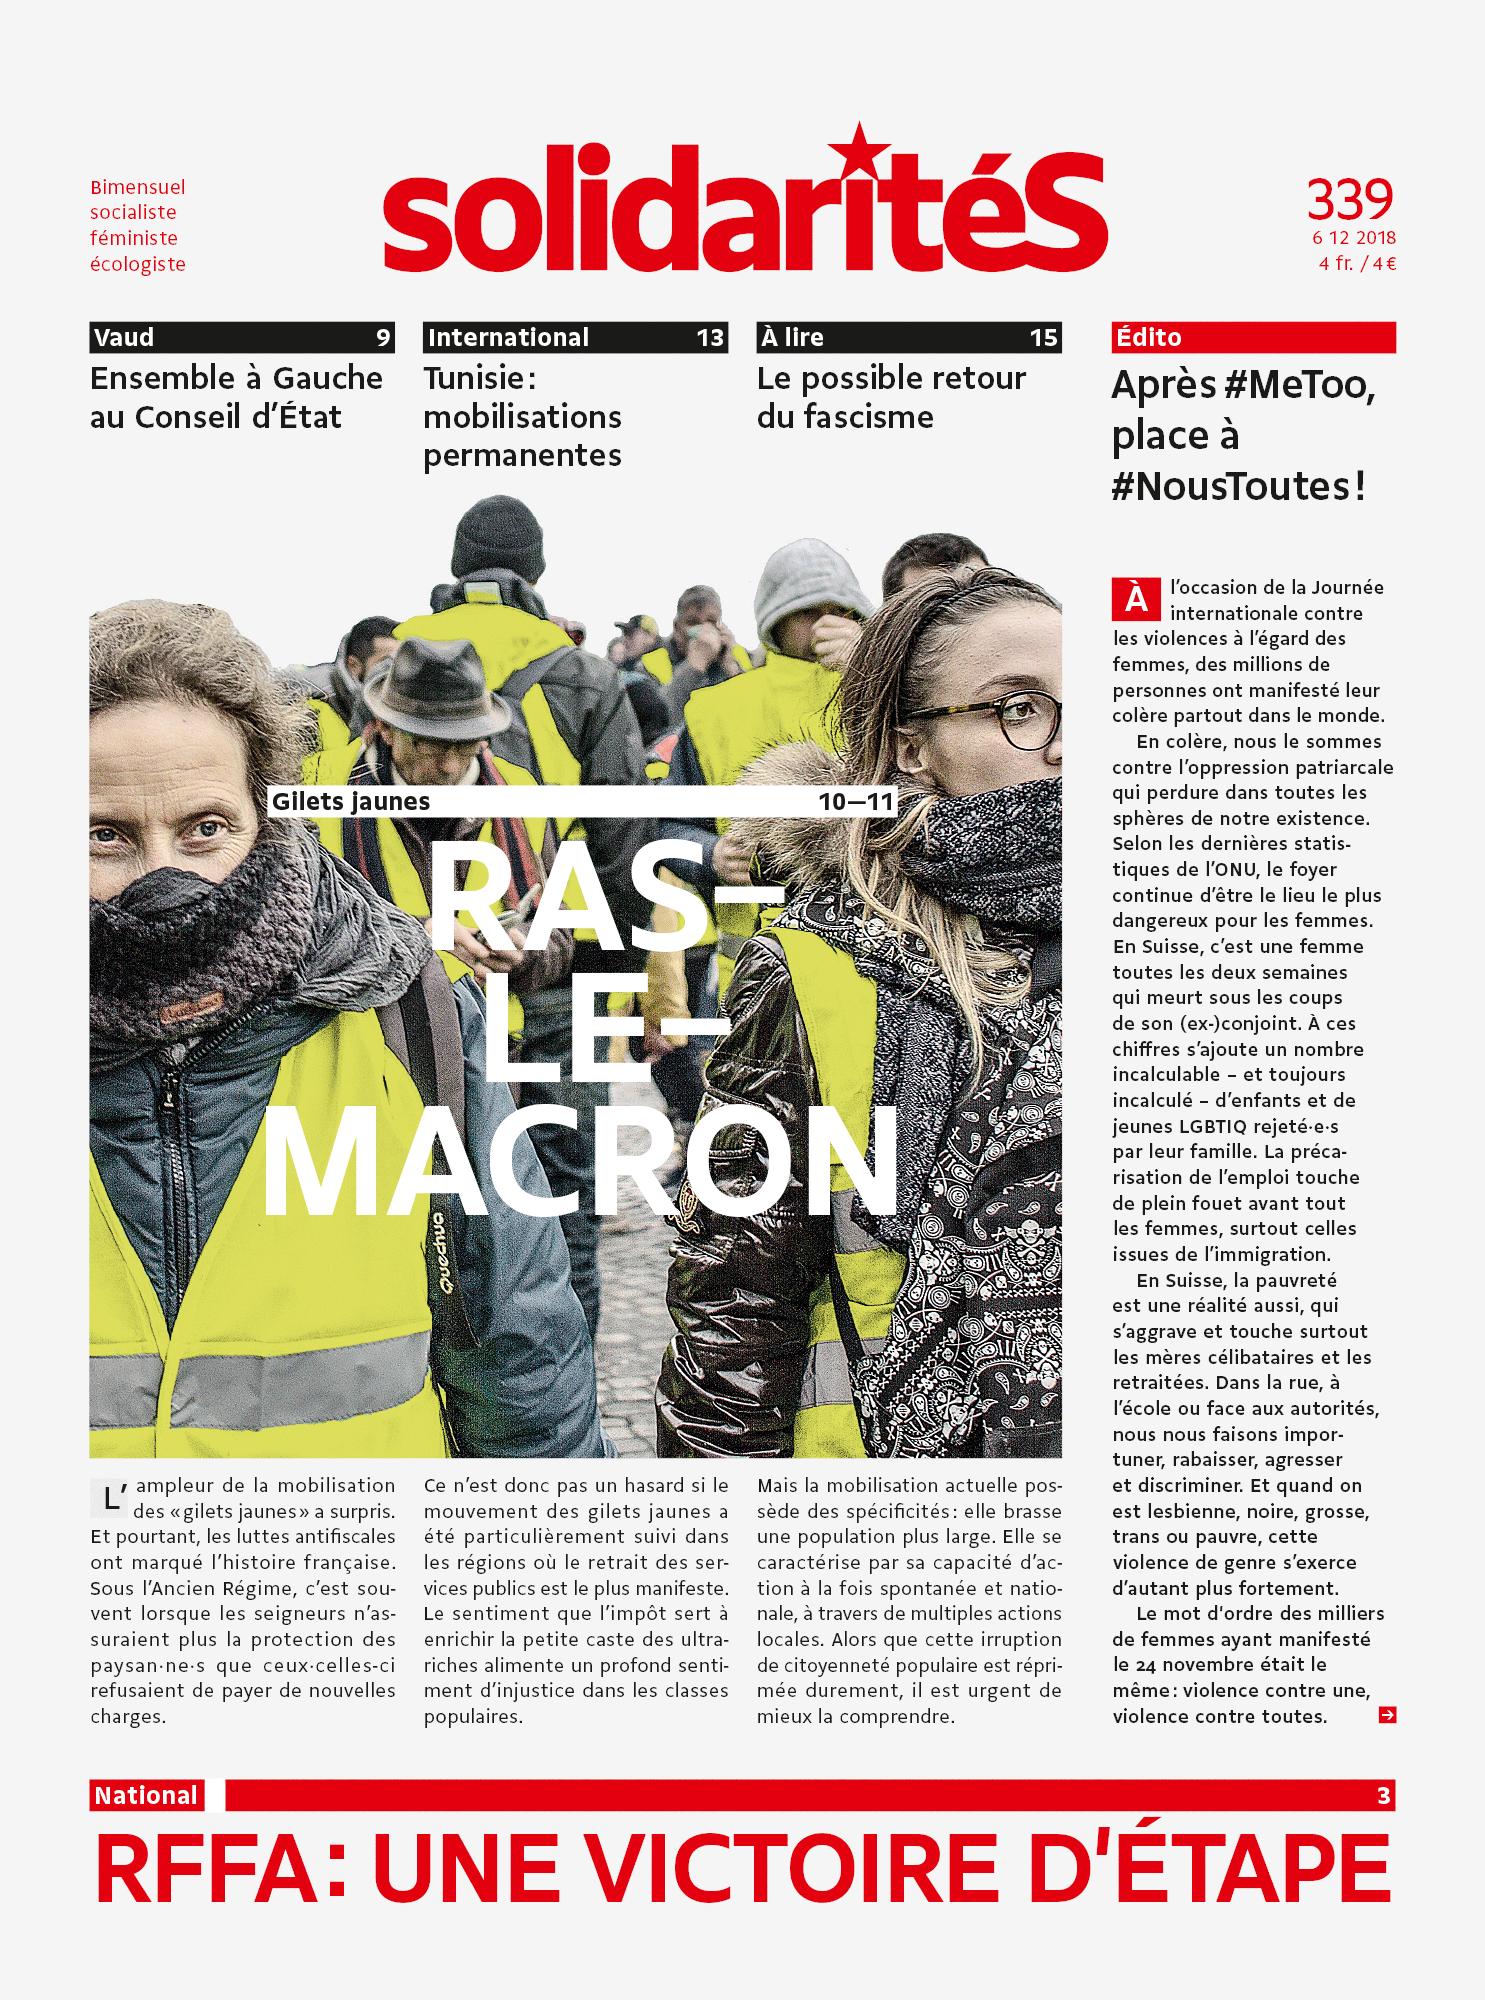 Couverture du numéro 339 de solidaritéS: Gilets jauens: ras-le-Macron